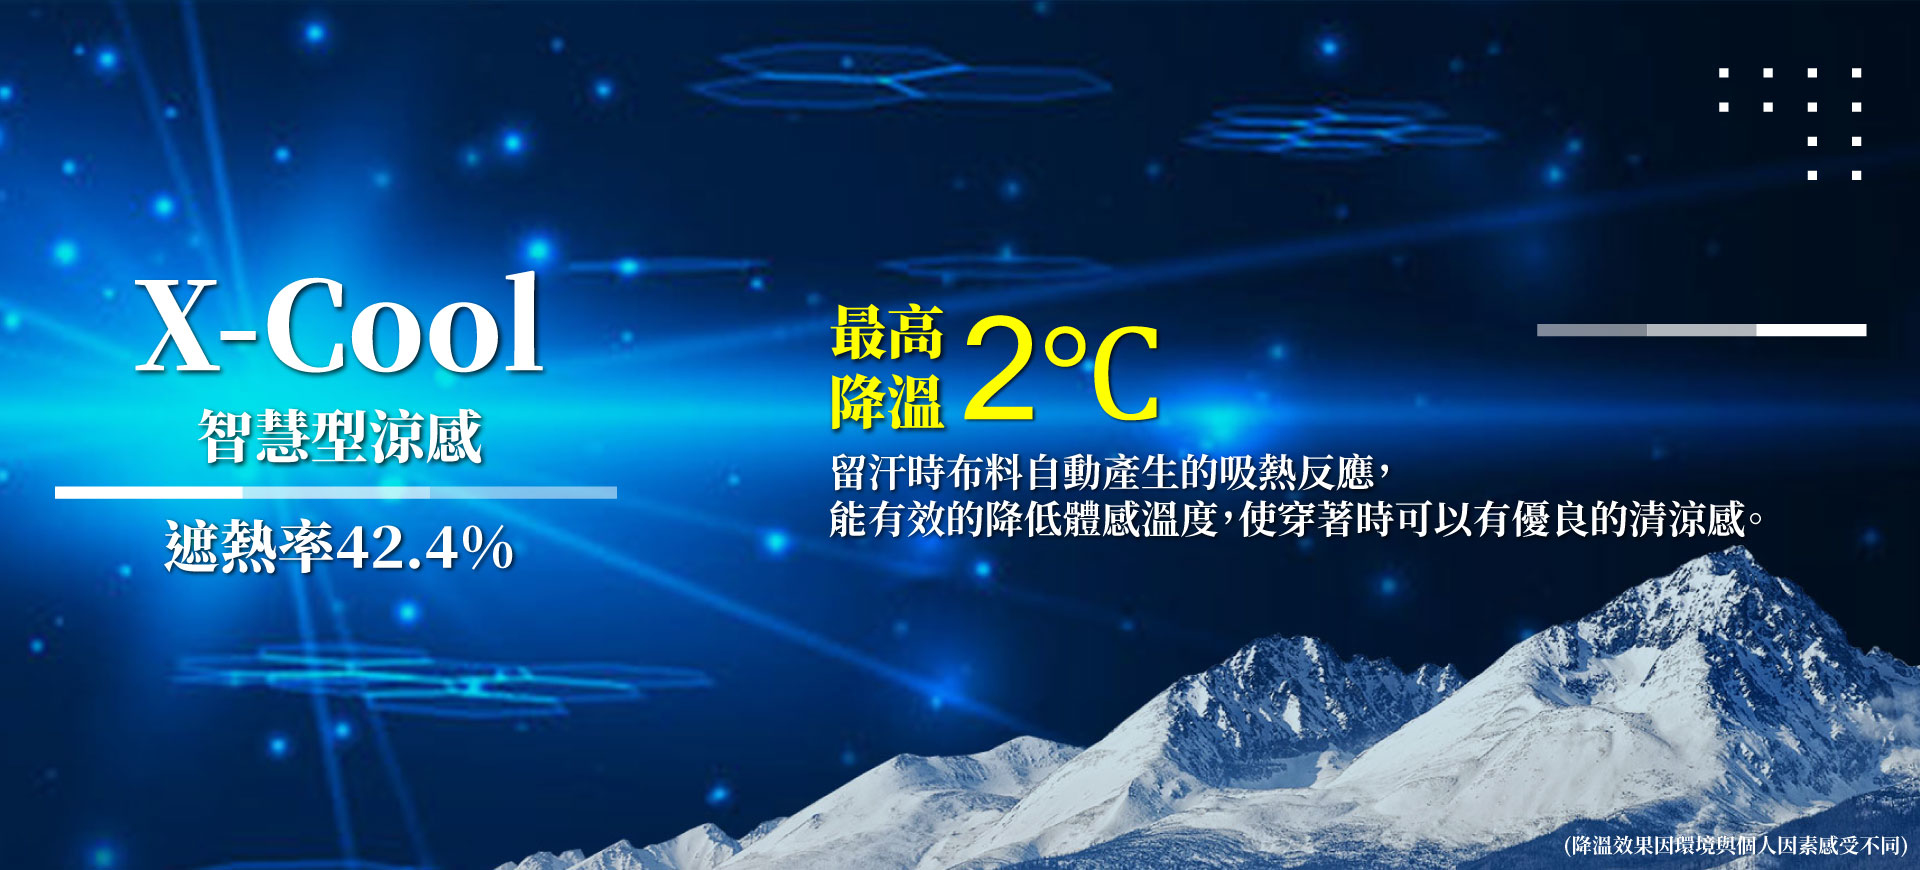 衣十五科技機能布料-蚵殼紗X-cold智慧型涼感 遮熱率高達42.4% 有感降溫2度